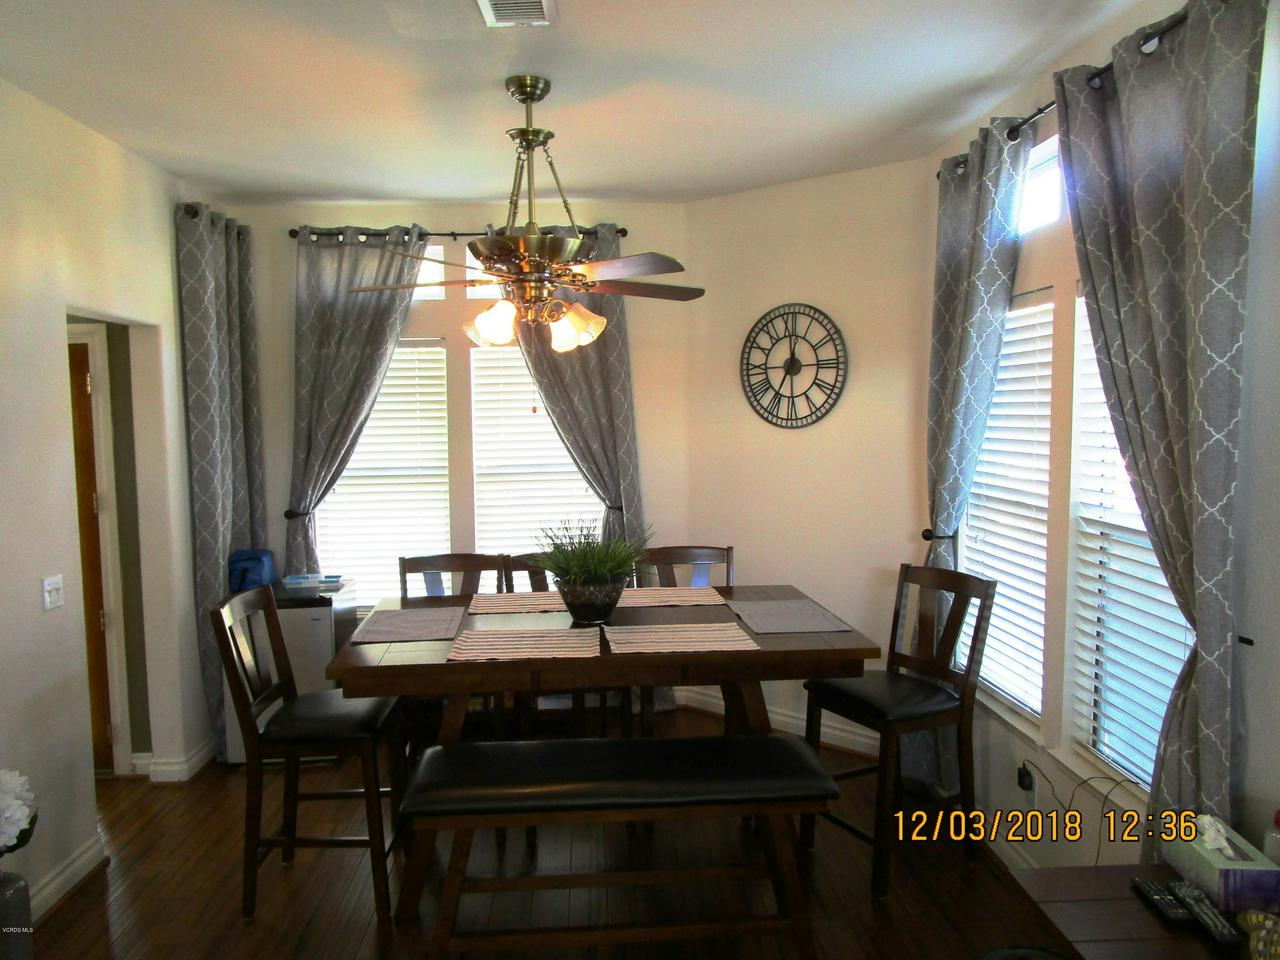 1063 MEADOWLARK, Fillmore, CA 93015 - dining room